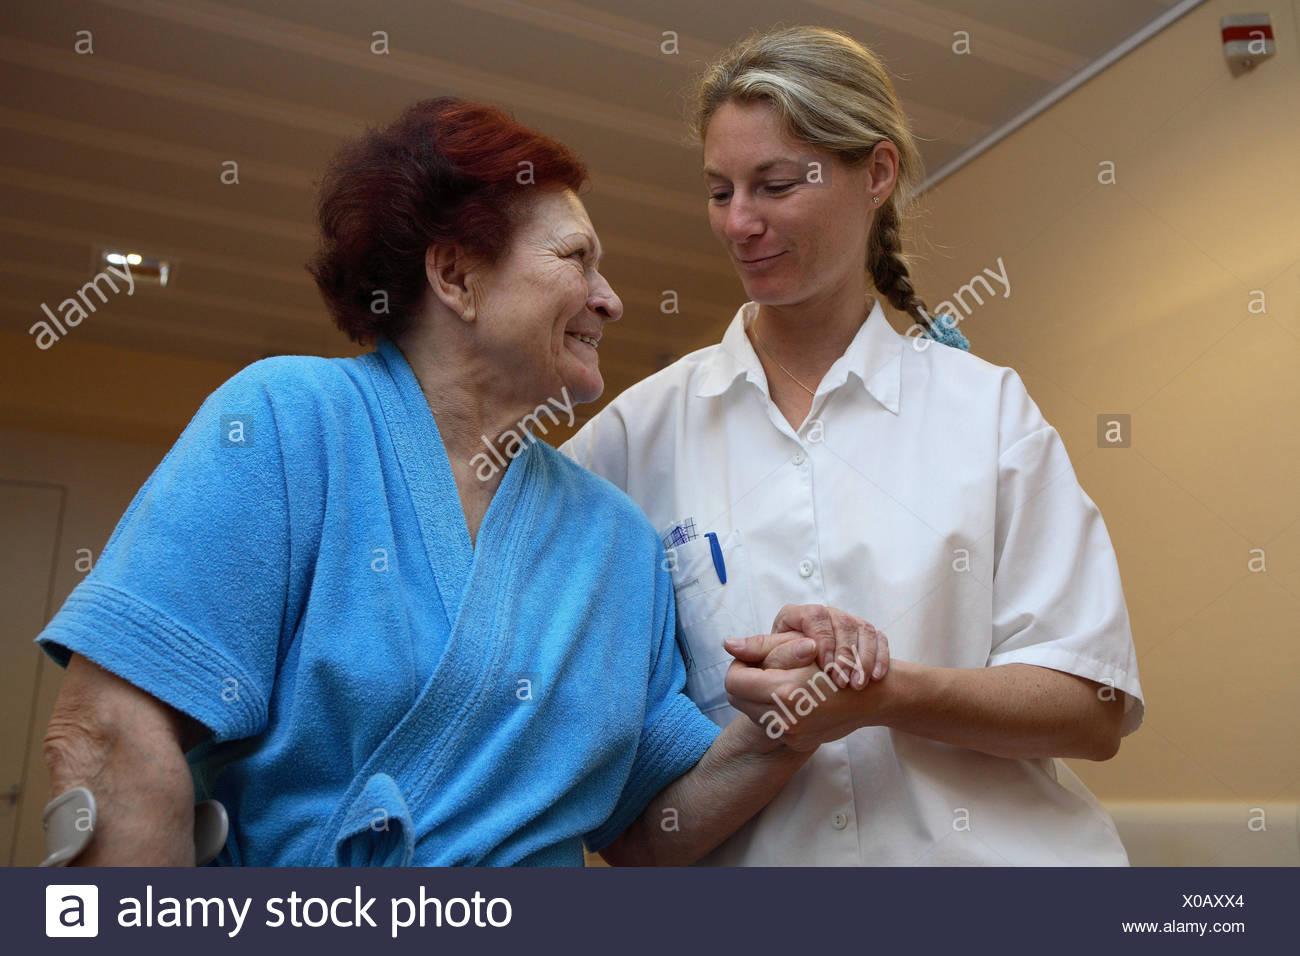 Hermosa Reanudar Enfermera Clínica Fotos - Ejemplo De Colección De ...